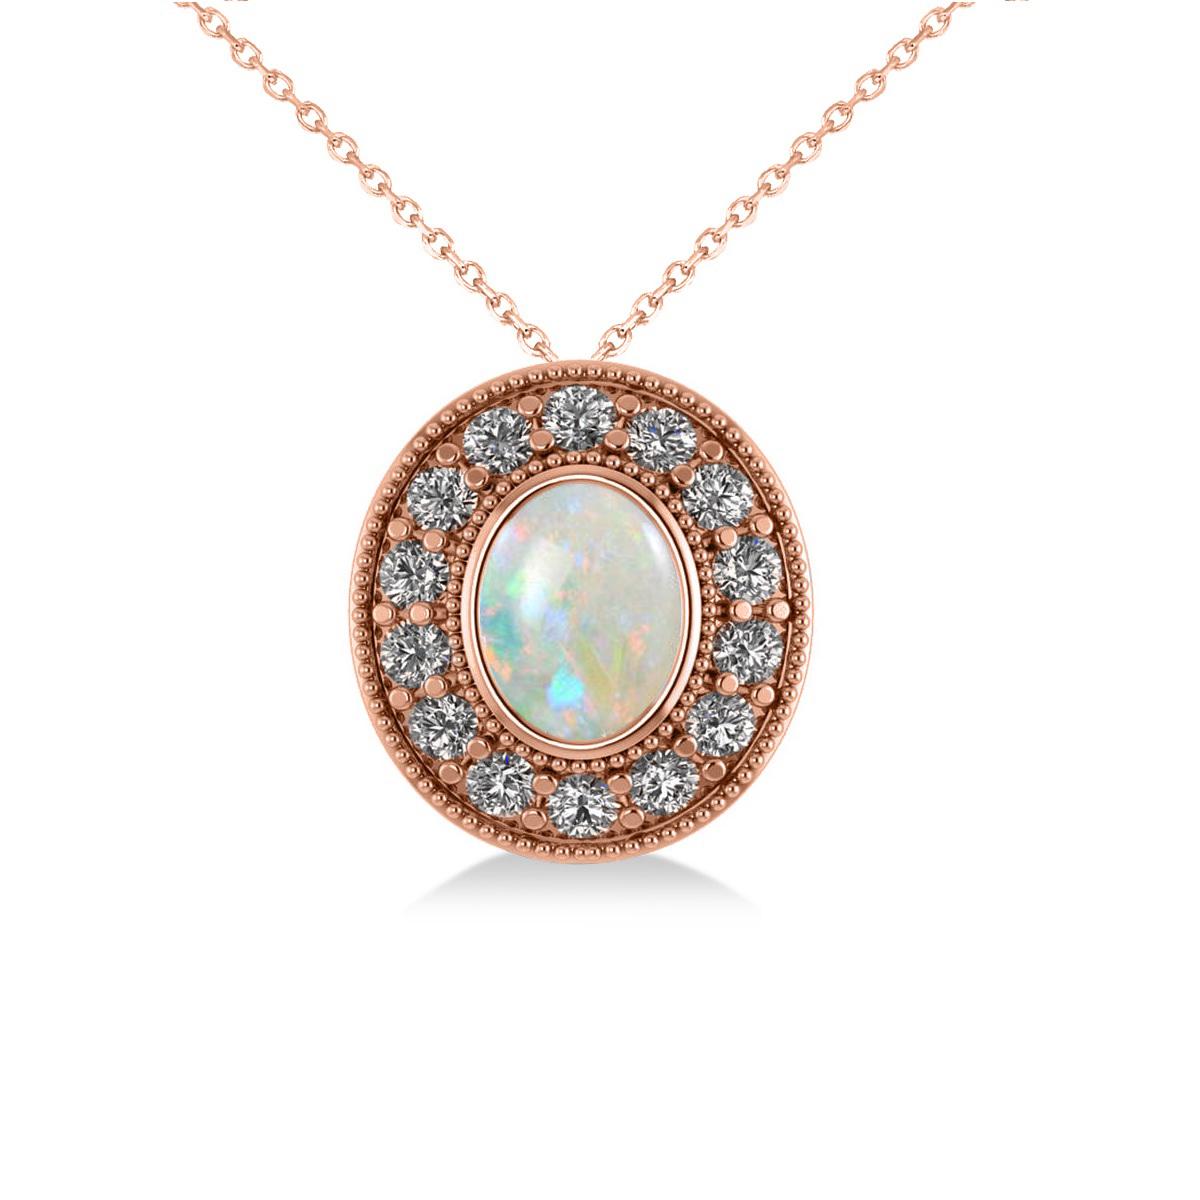 Opal & Diamond Halo Oval Pendant Necklace 14k Rose Gold (0.89ct)